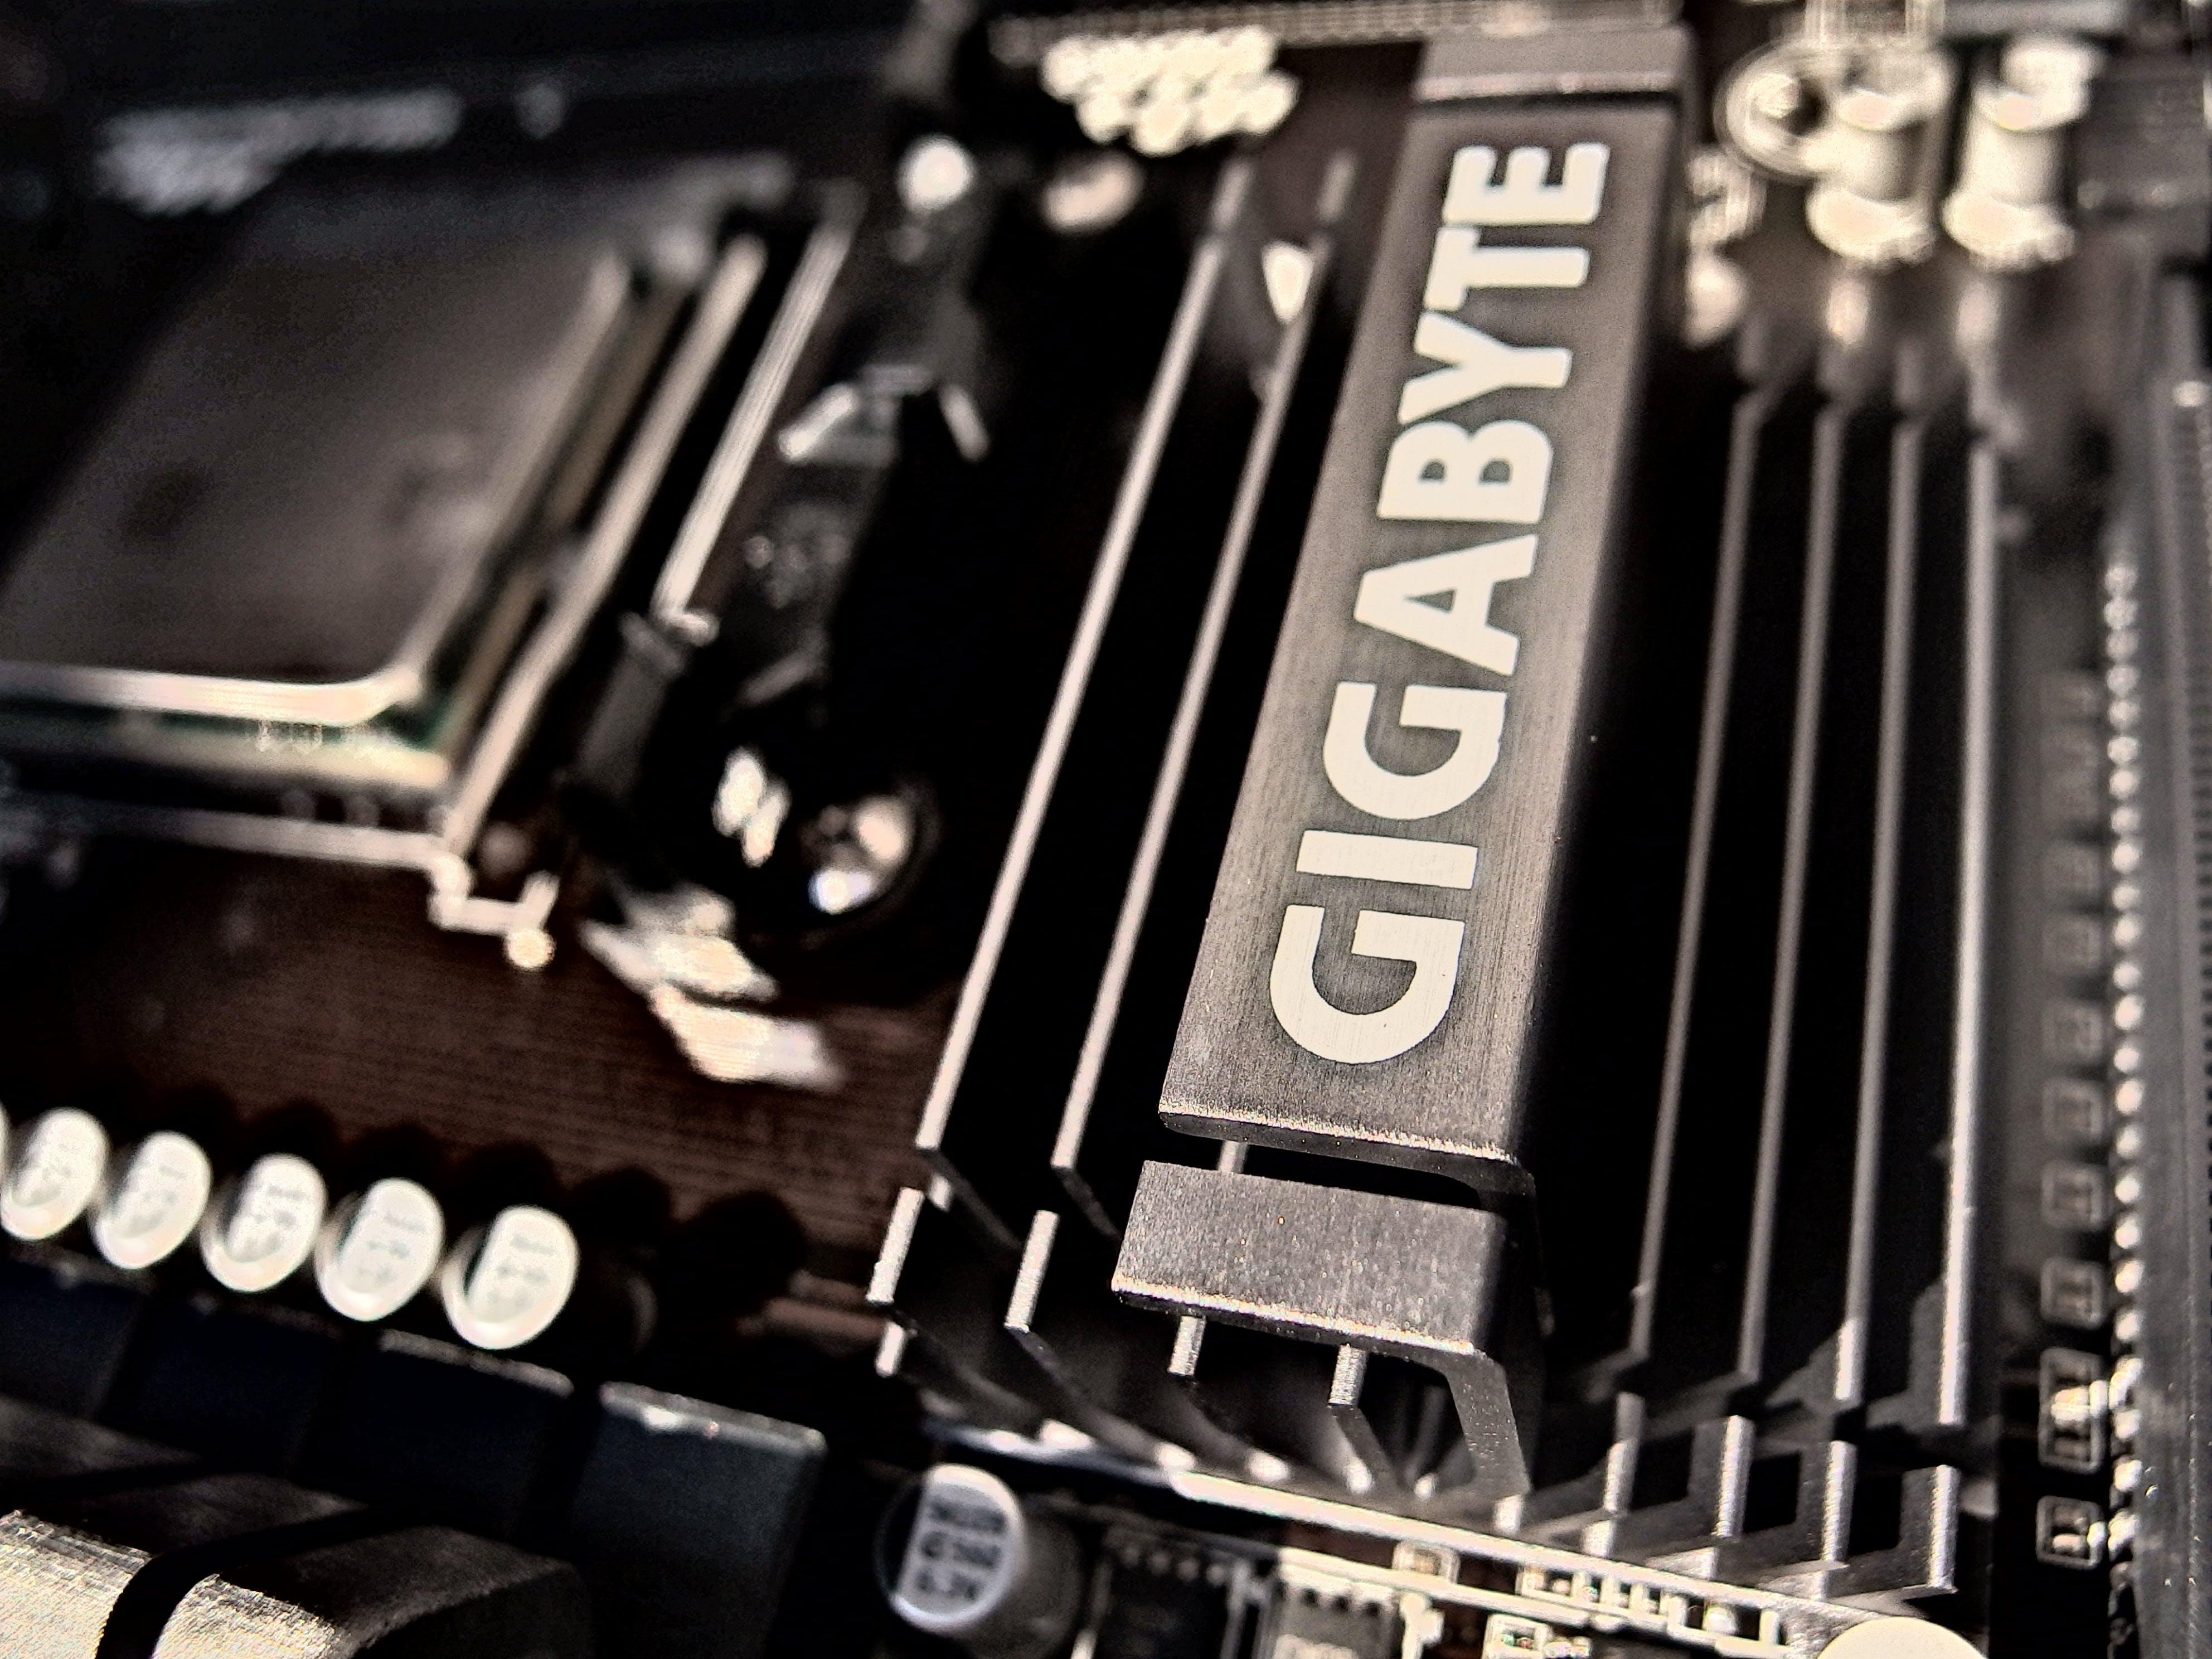 Gratis arkivbilde med cpu, elektronikk, enhet, gigabyte